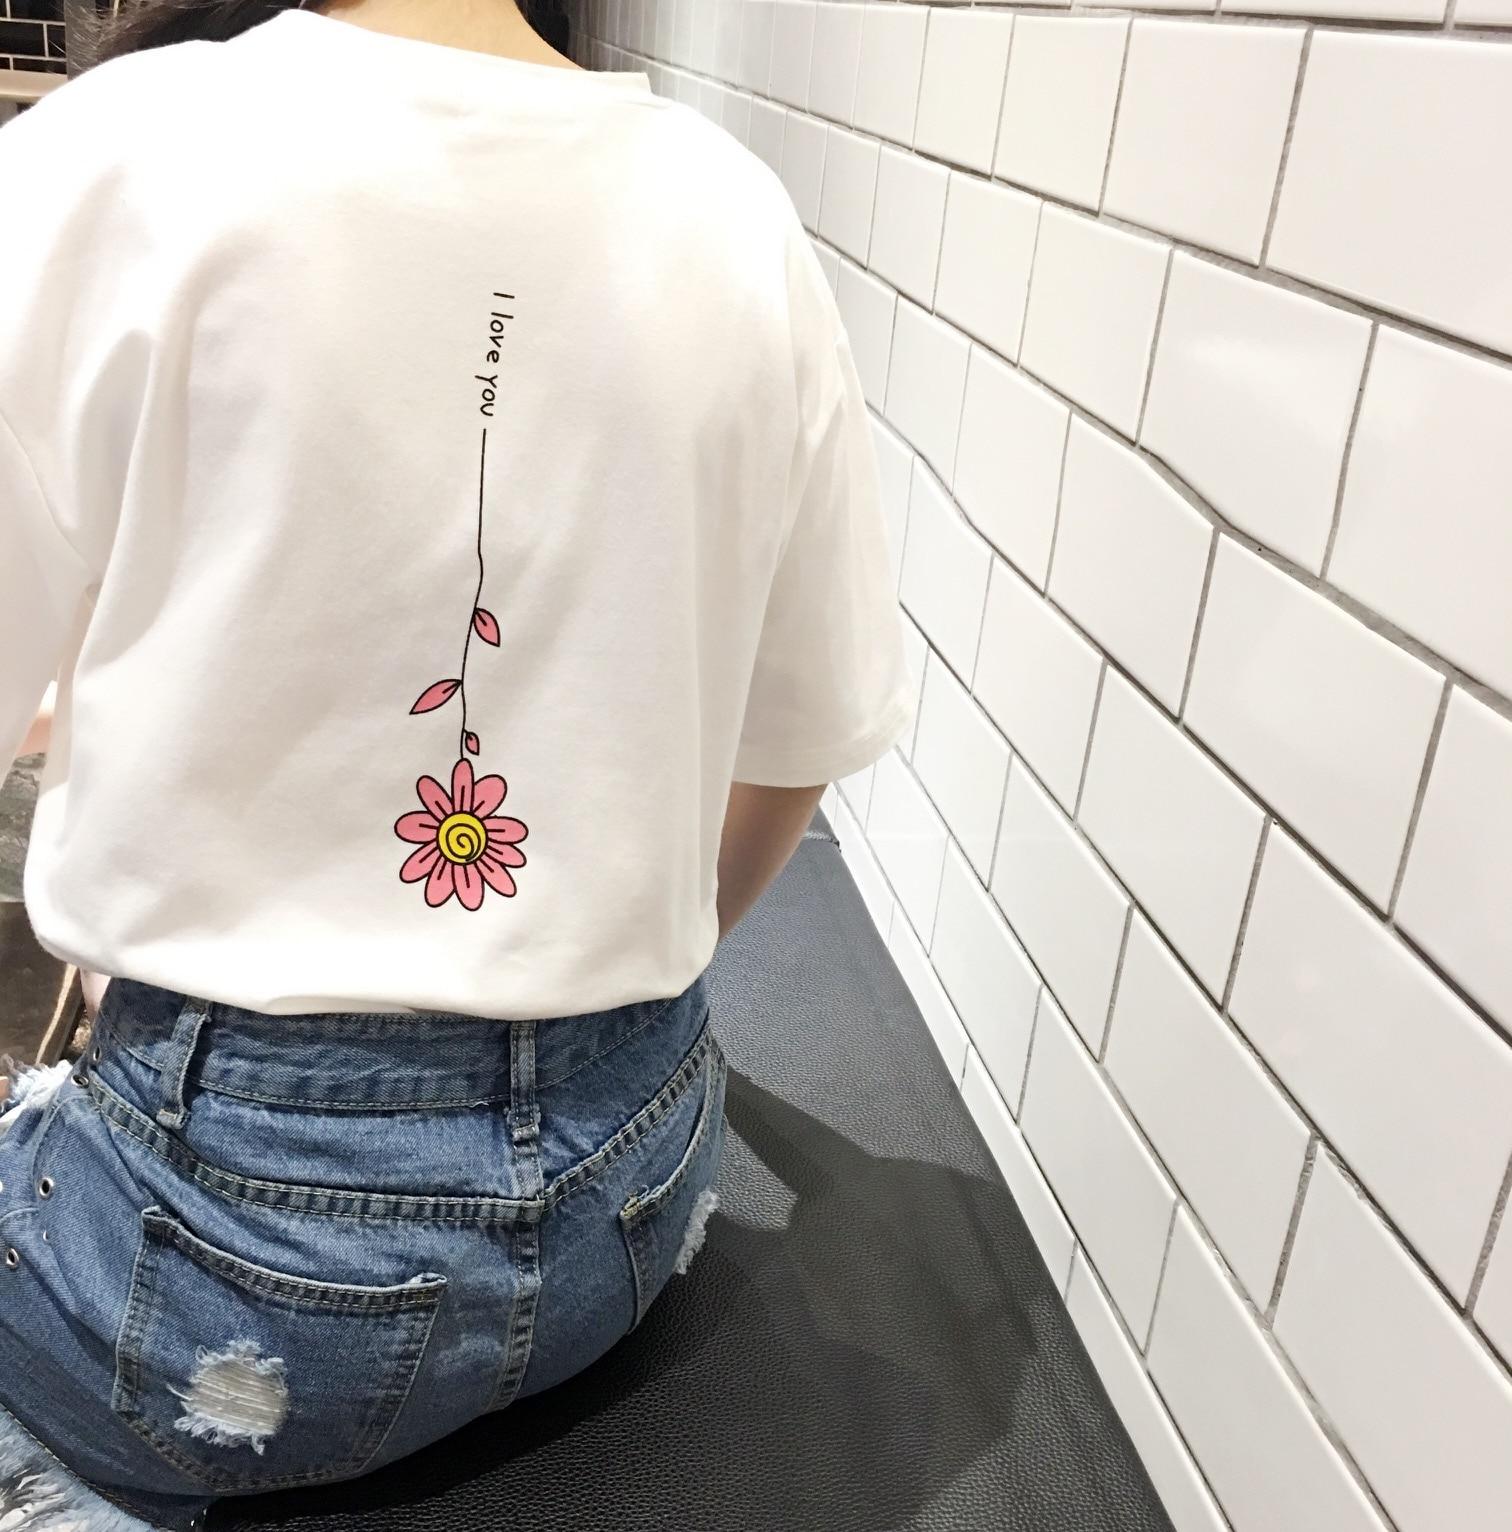 2017 Sommer Neue Mode Baumwolle Mond Gedruckt Beiläufige Lose Kurzarm Weibliche T-shirts Elegant Im Geruch